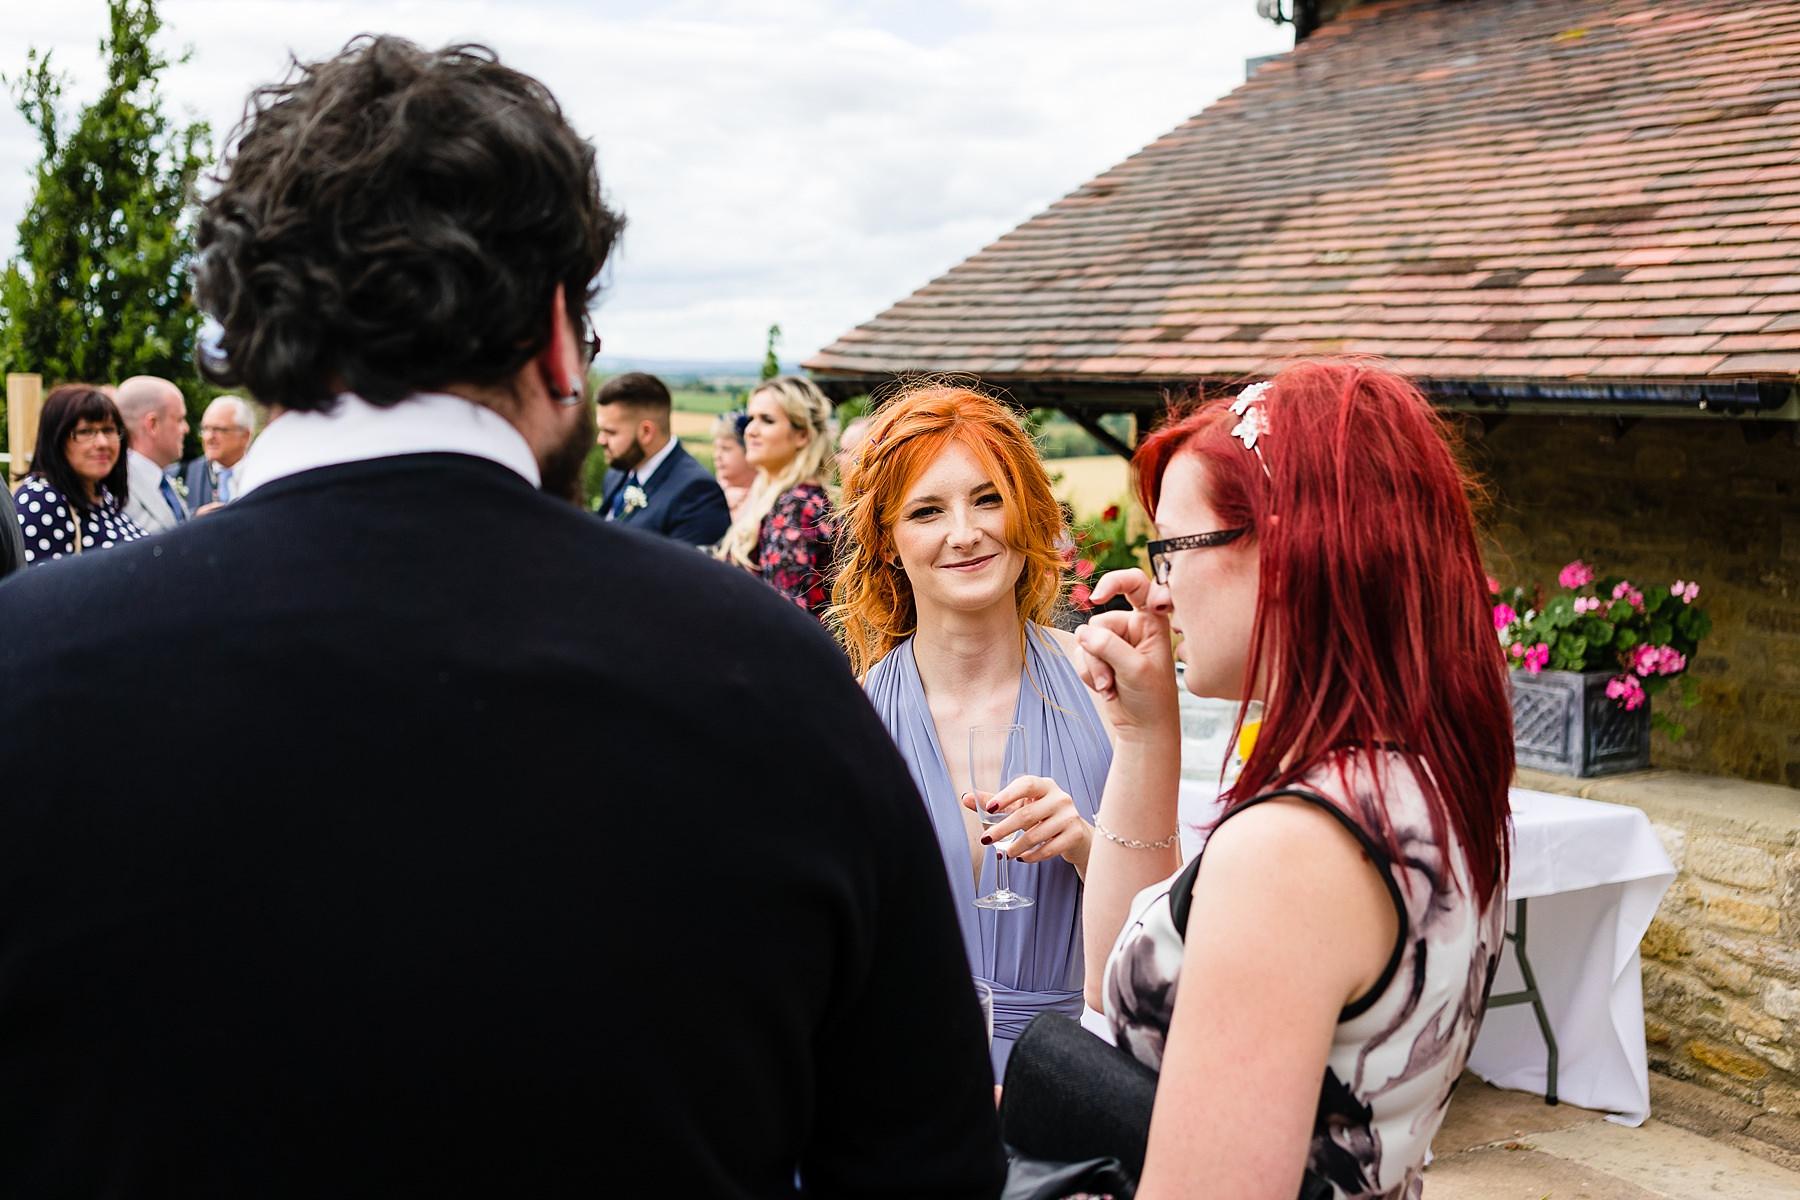 natural wedidng photos of guests mingling